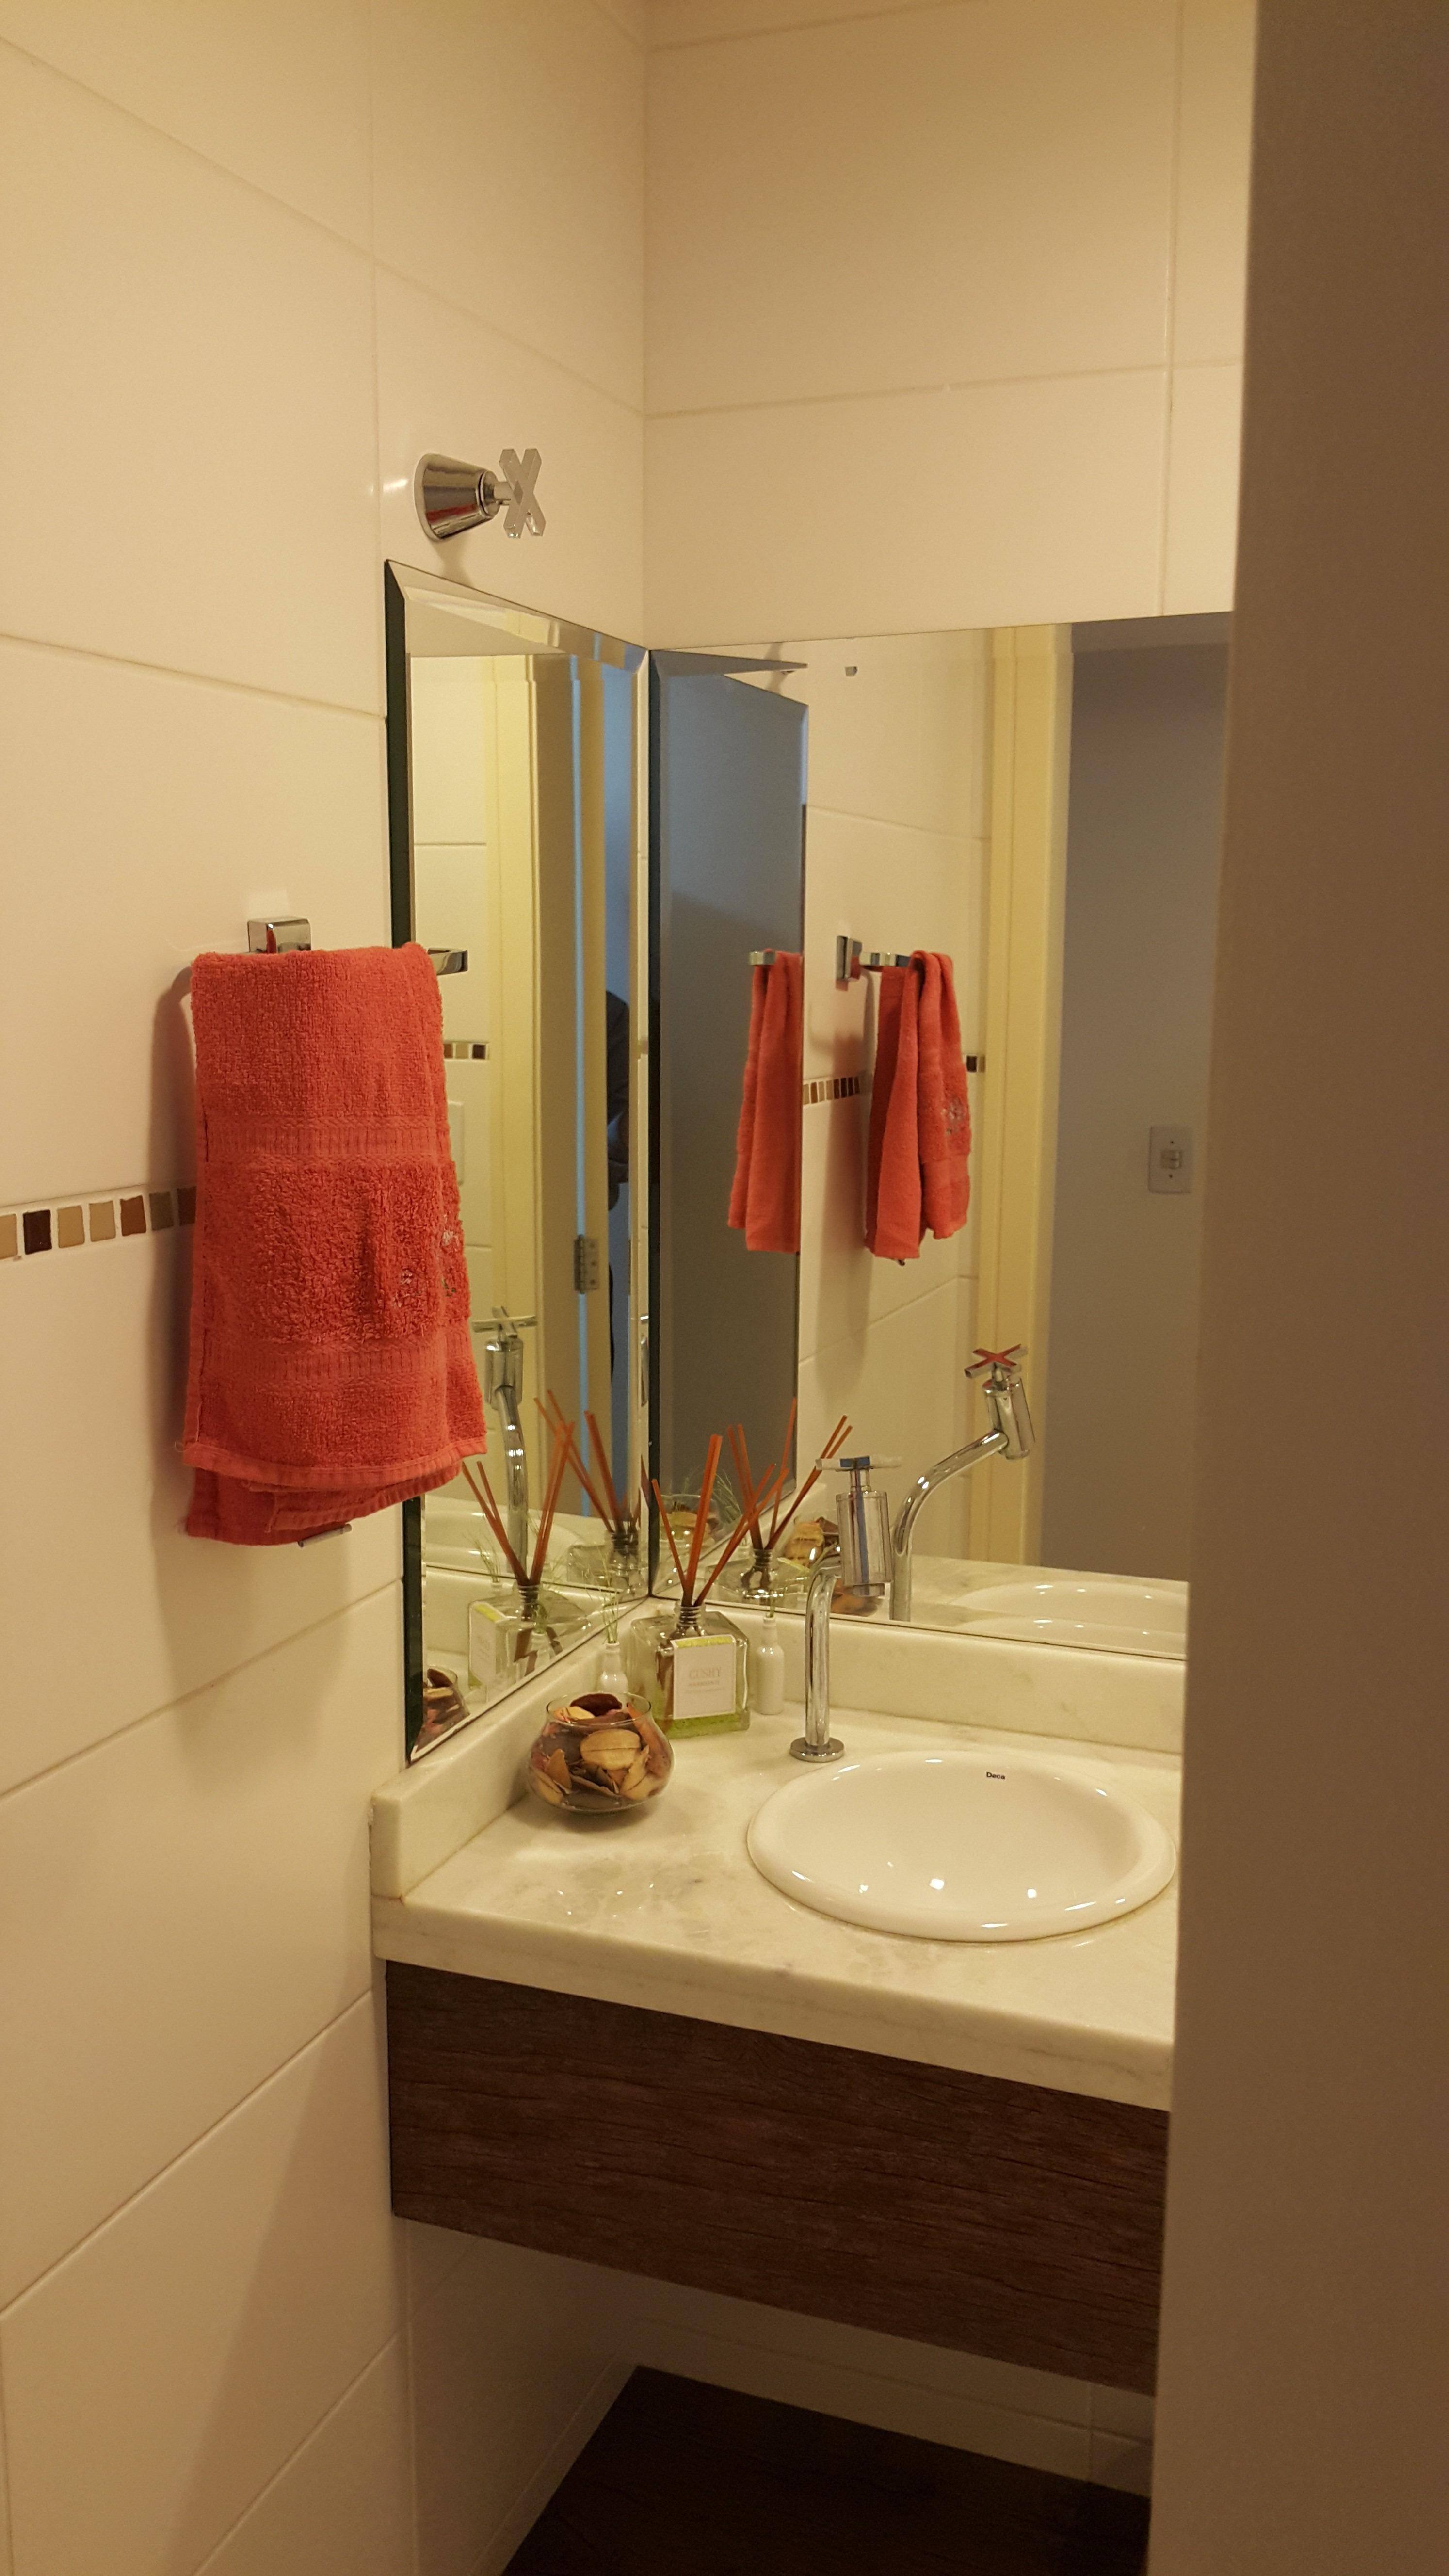 Apartamento com 2 Dormitórios 2 Suítes e 1 Vaga de Garagem à venda  #A73C24 2988x5312 Balança Digital Banheiro Porto Alegre